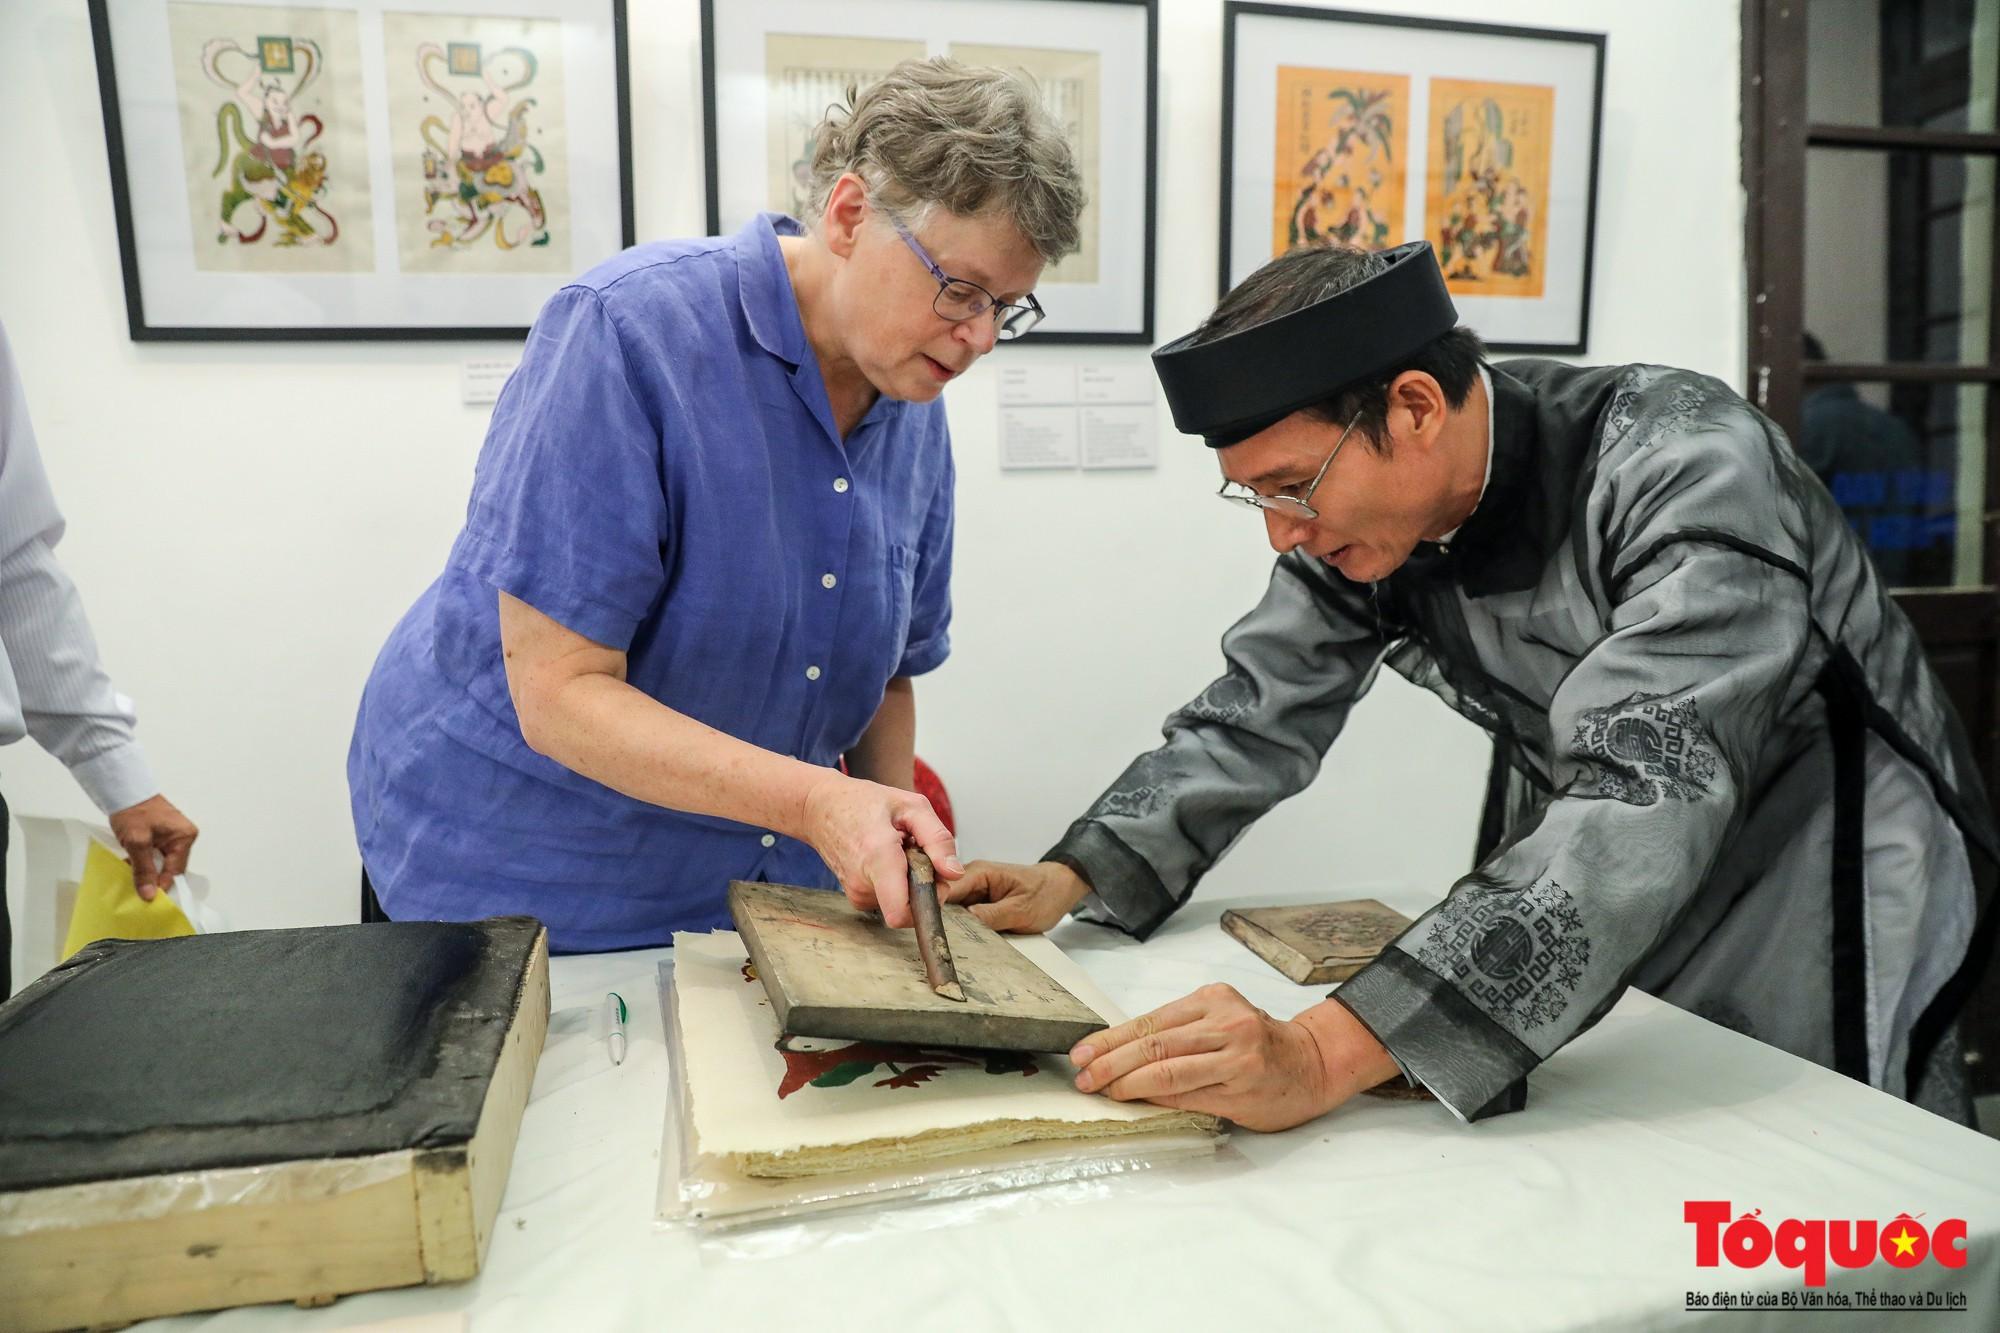 """Khai mạc triển lãm """"Tranh dân gian Đông hồ xưa và nay"""": Trưng bày hơn 100 hiện vật của tranh dân gian Đông Hồ - Ảnh 13."""